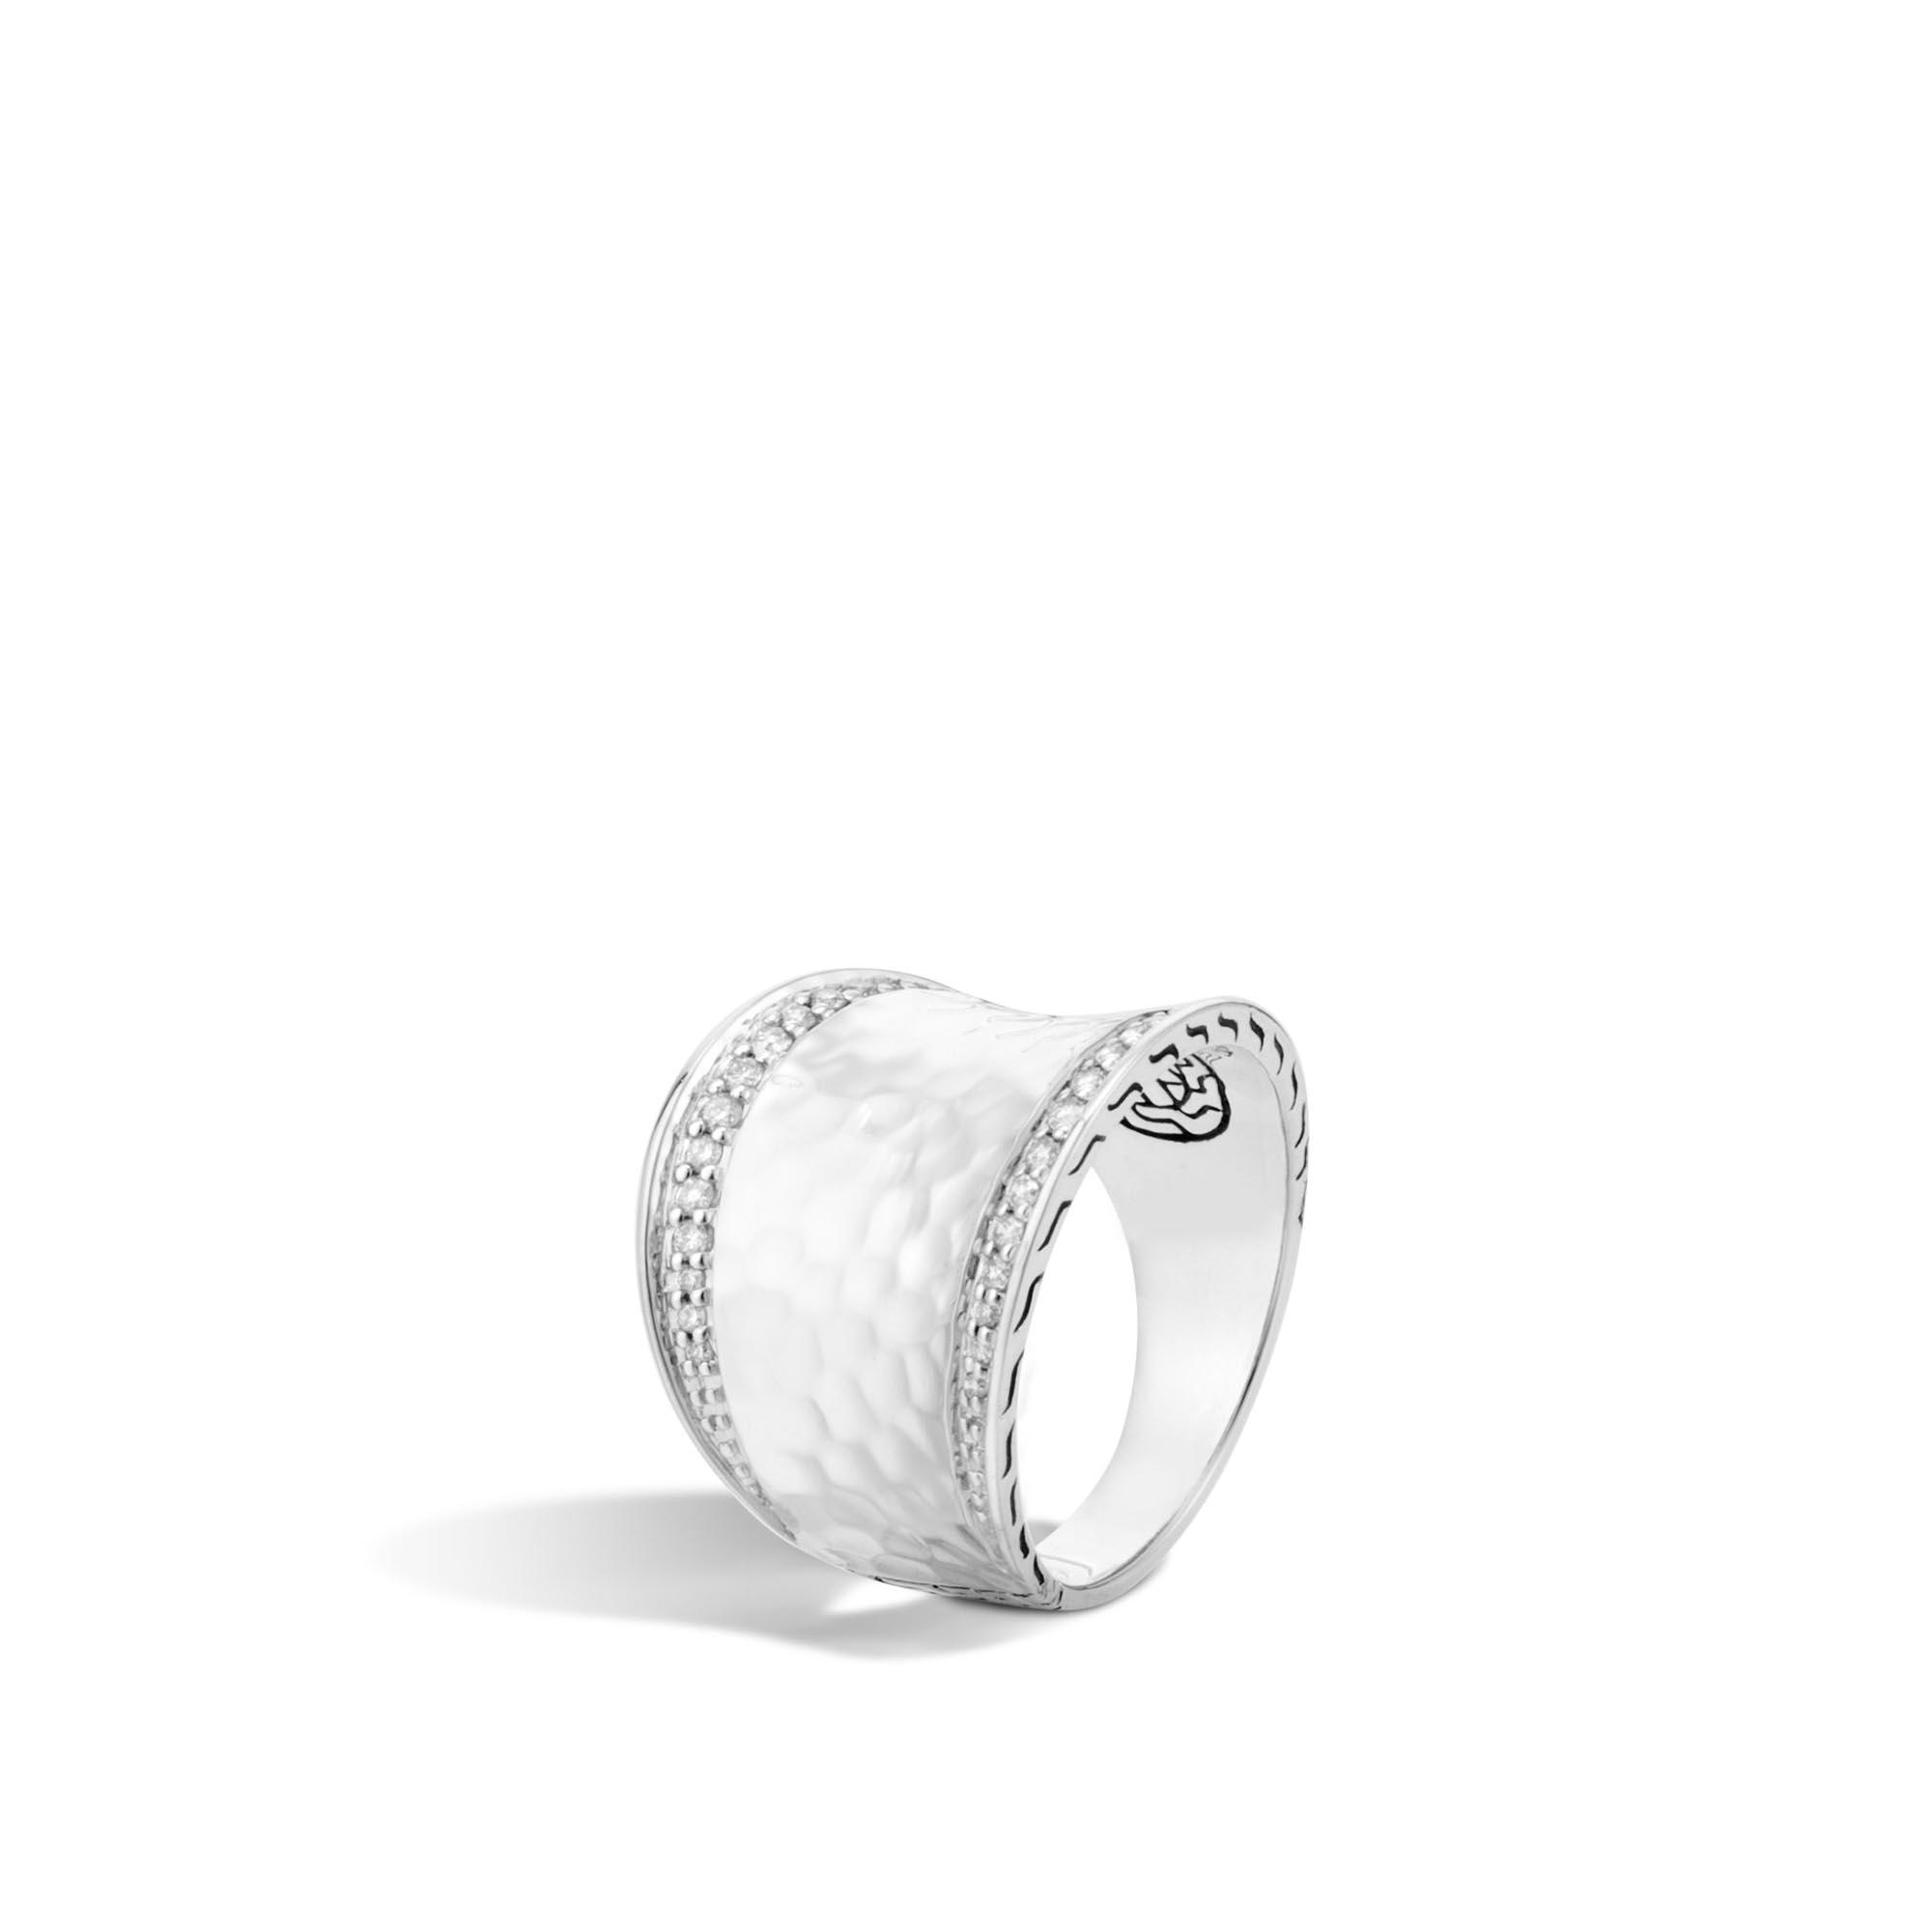 John Hardy Saddle Ring With Rainbow Moonstone And Diamonds vAMAOyXlS